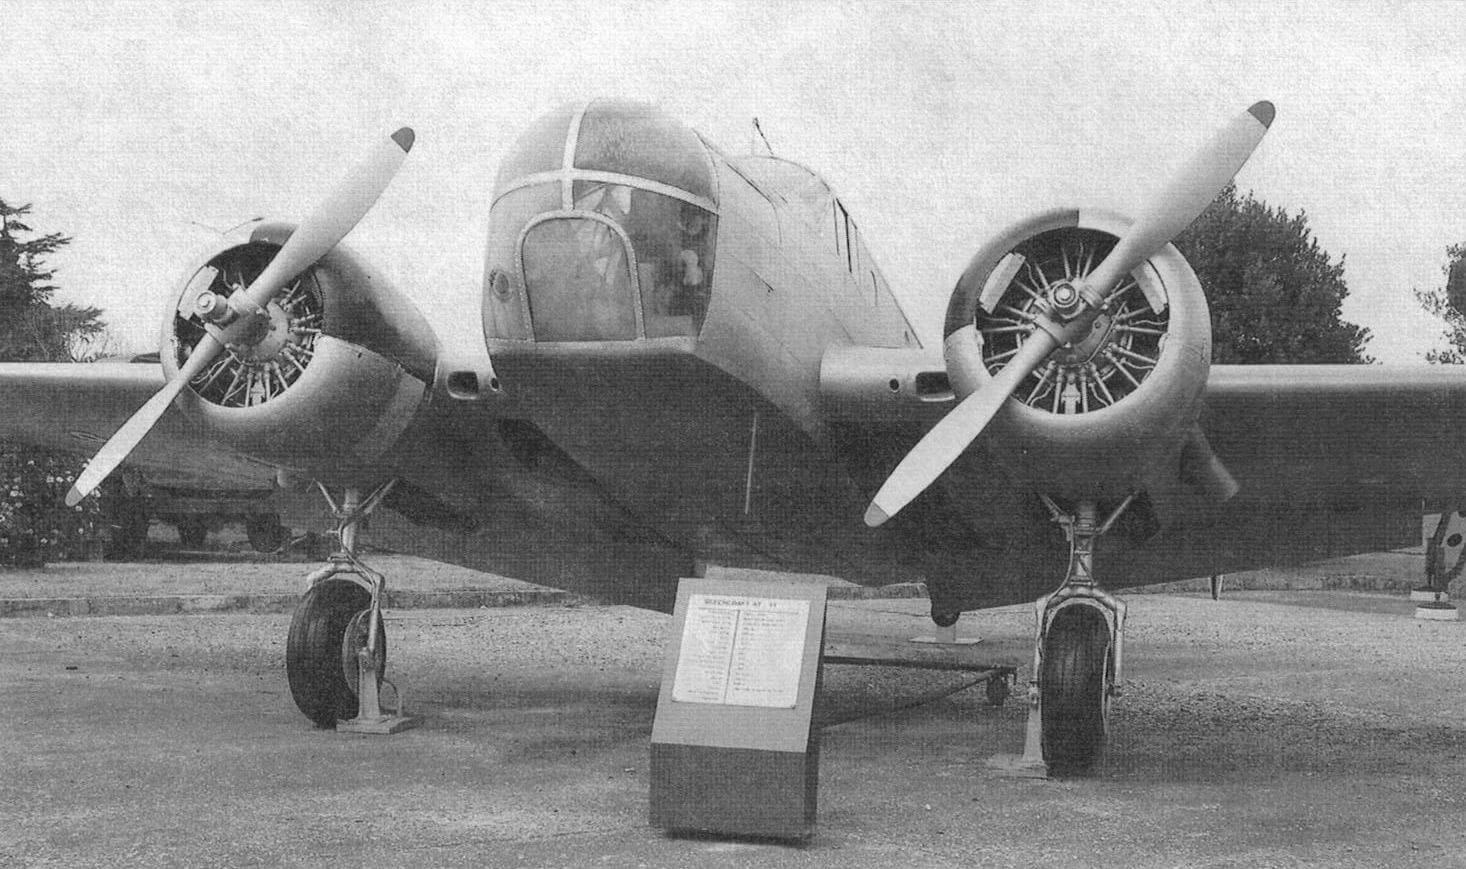 Американский учебный самолет Бичкрафт АТ-11